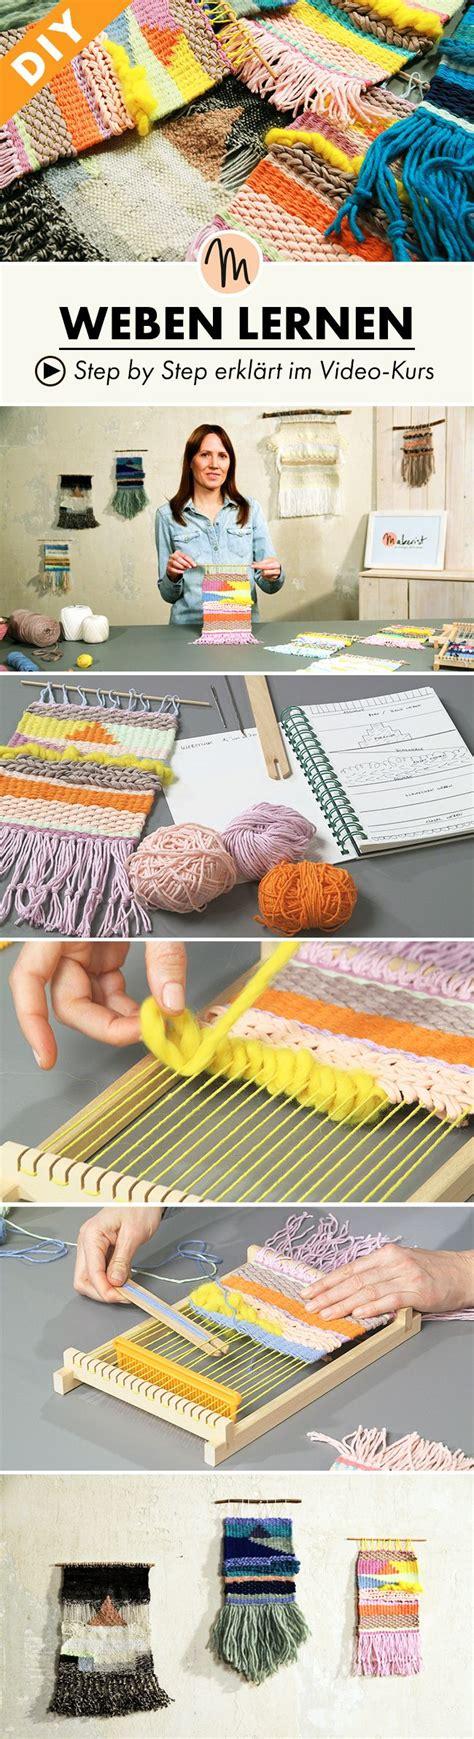 erstelle dein eigenes haus webe deinen eigenen webteppich und lerne grundtechniken um muster und farben zu vereinen step